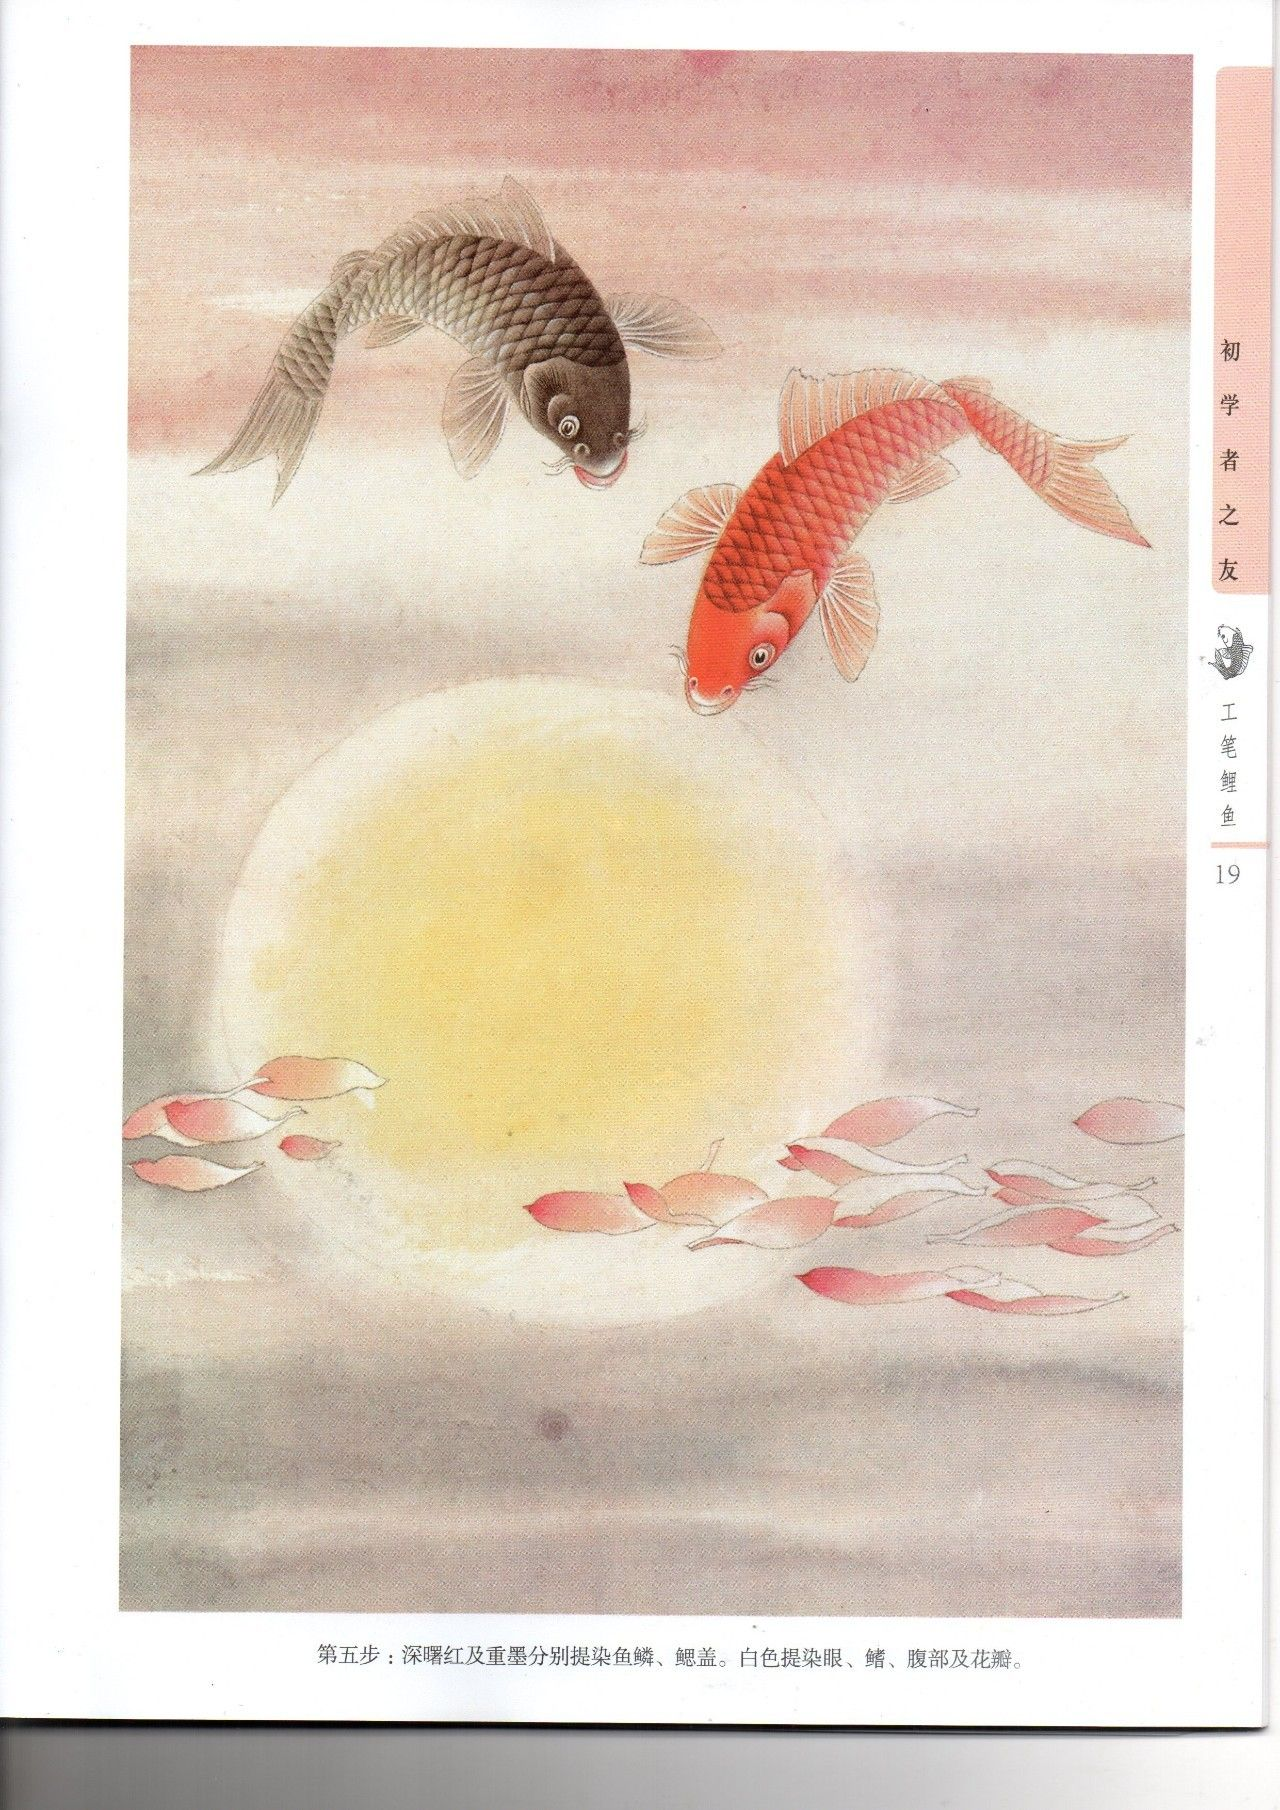 《工笔鲤鱼画法》绘制步骤图片